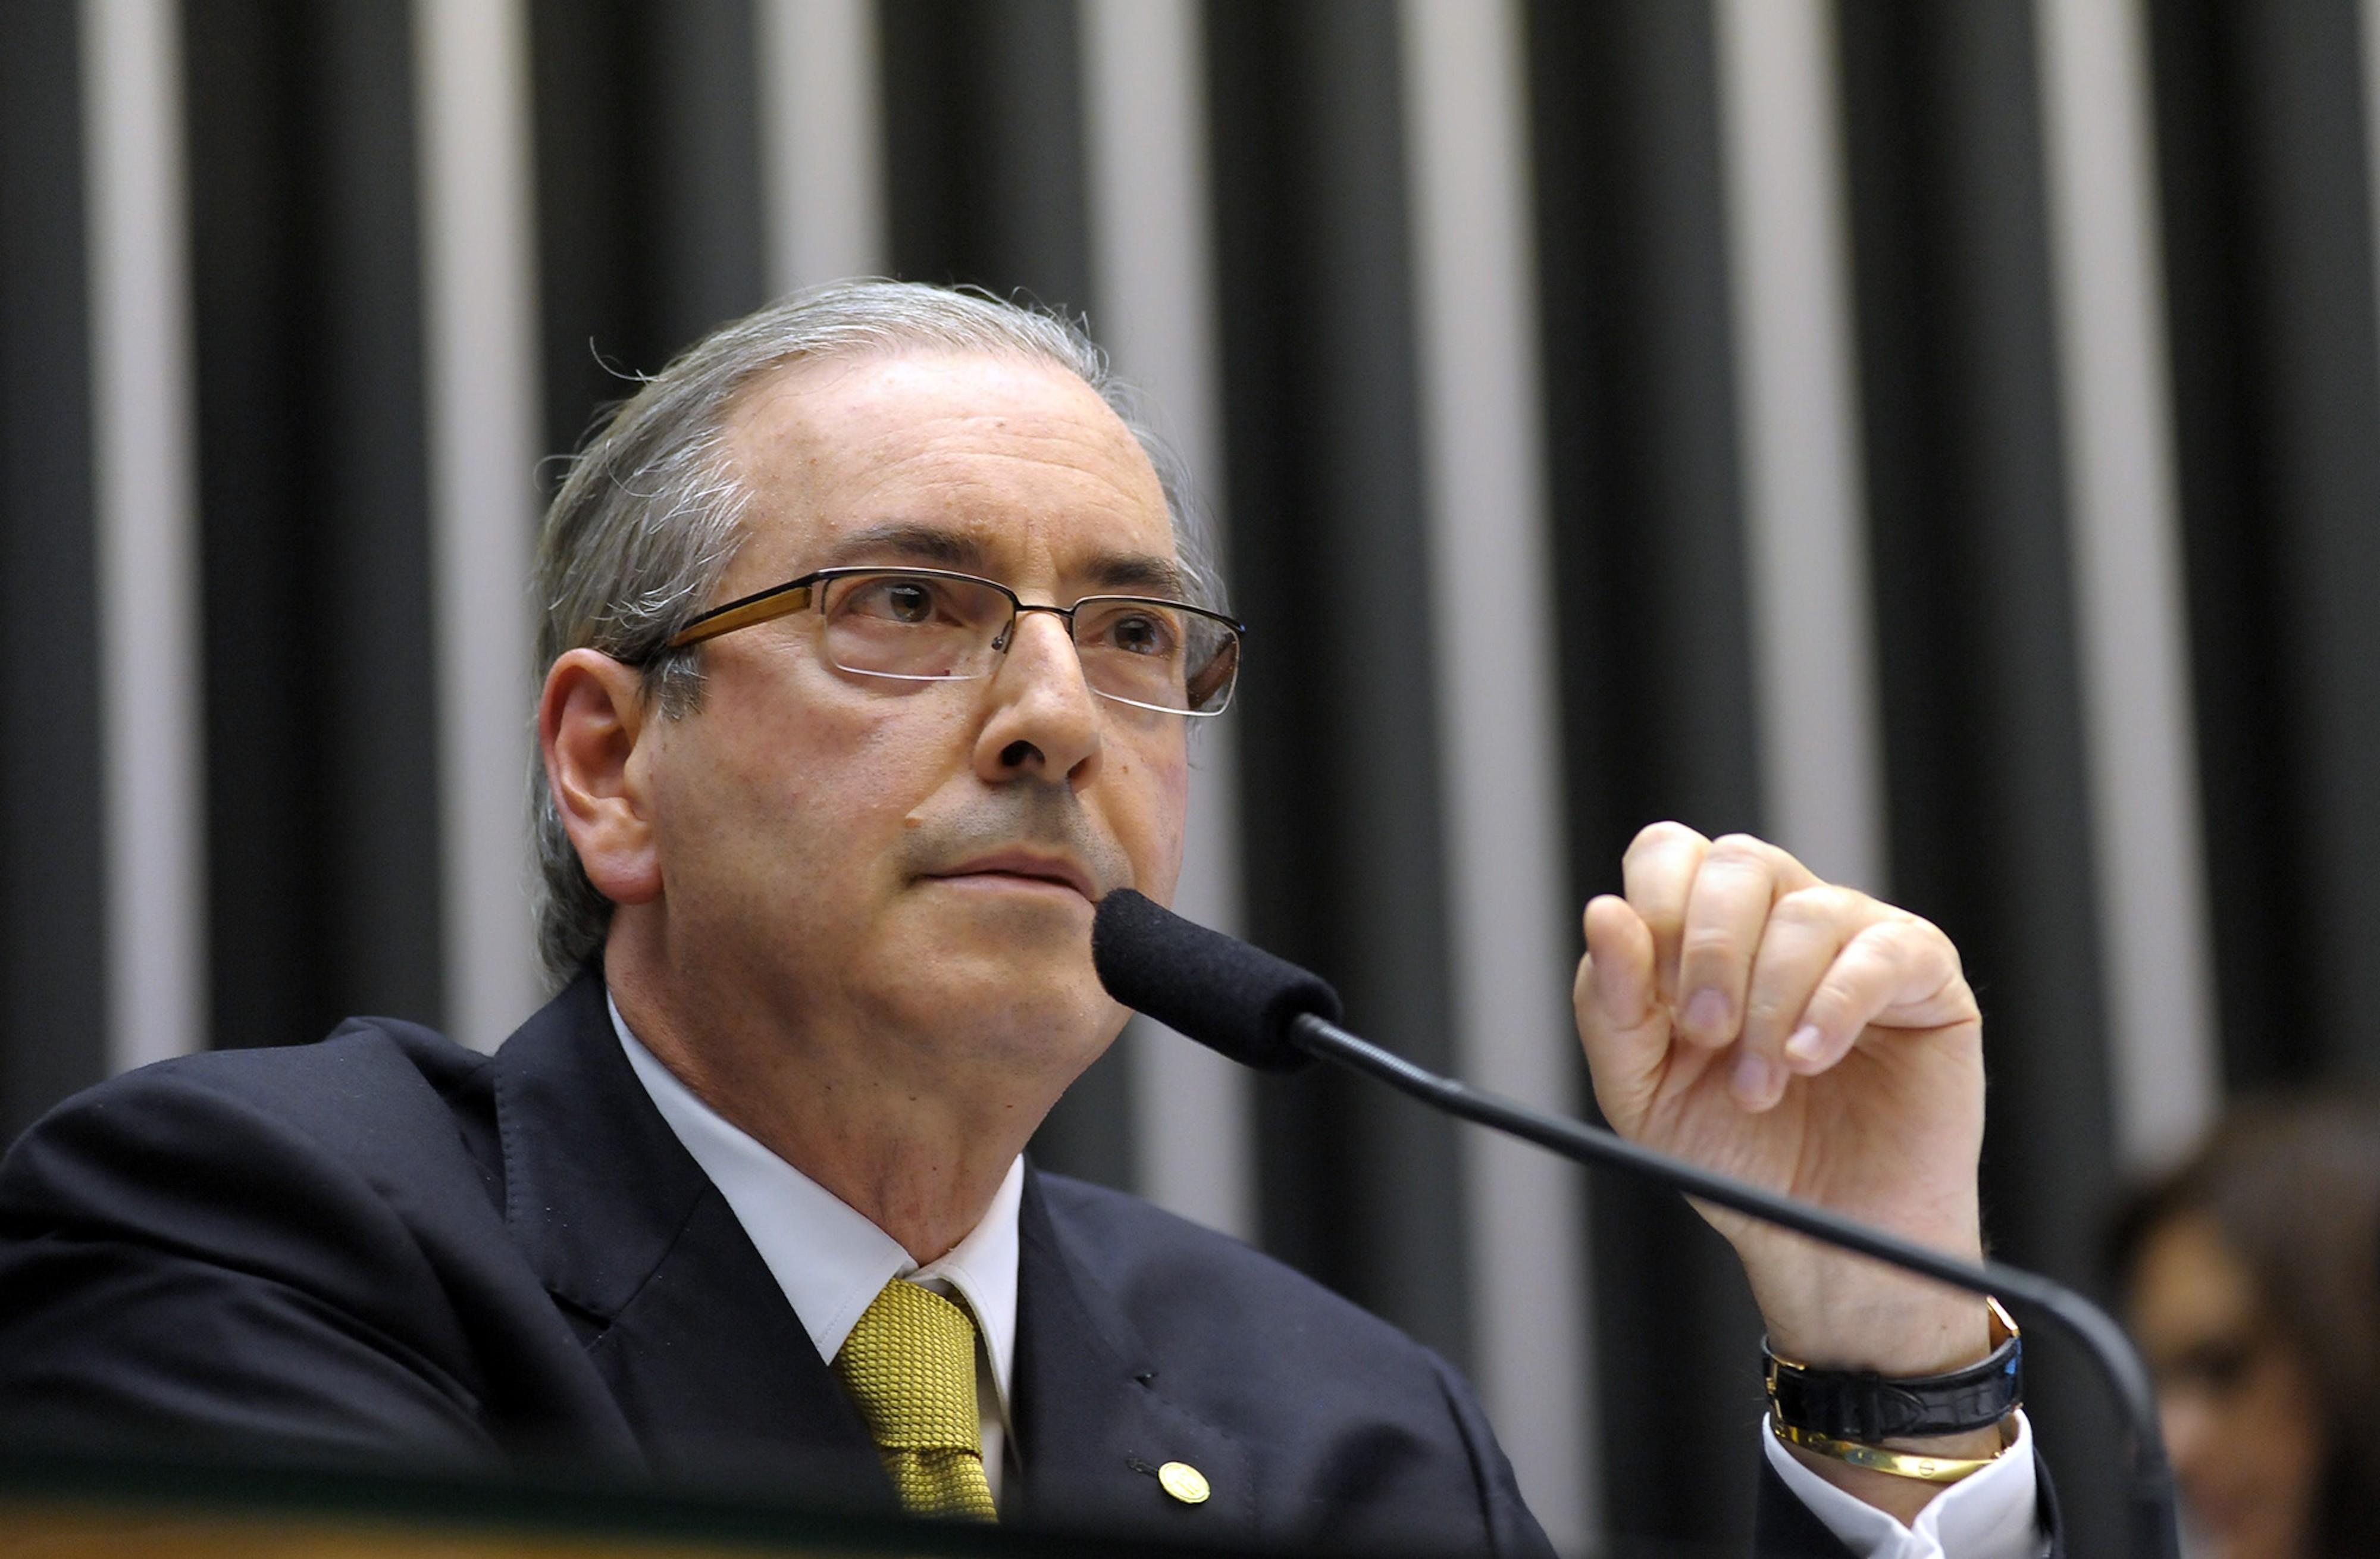 eduardo cunha  (Foto: Gustavo Lima / Câmara dos Deputados / fotos públicas)